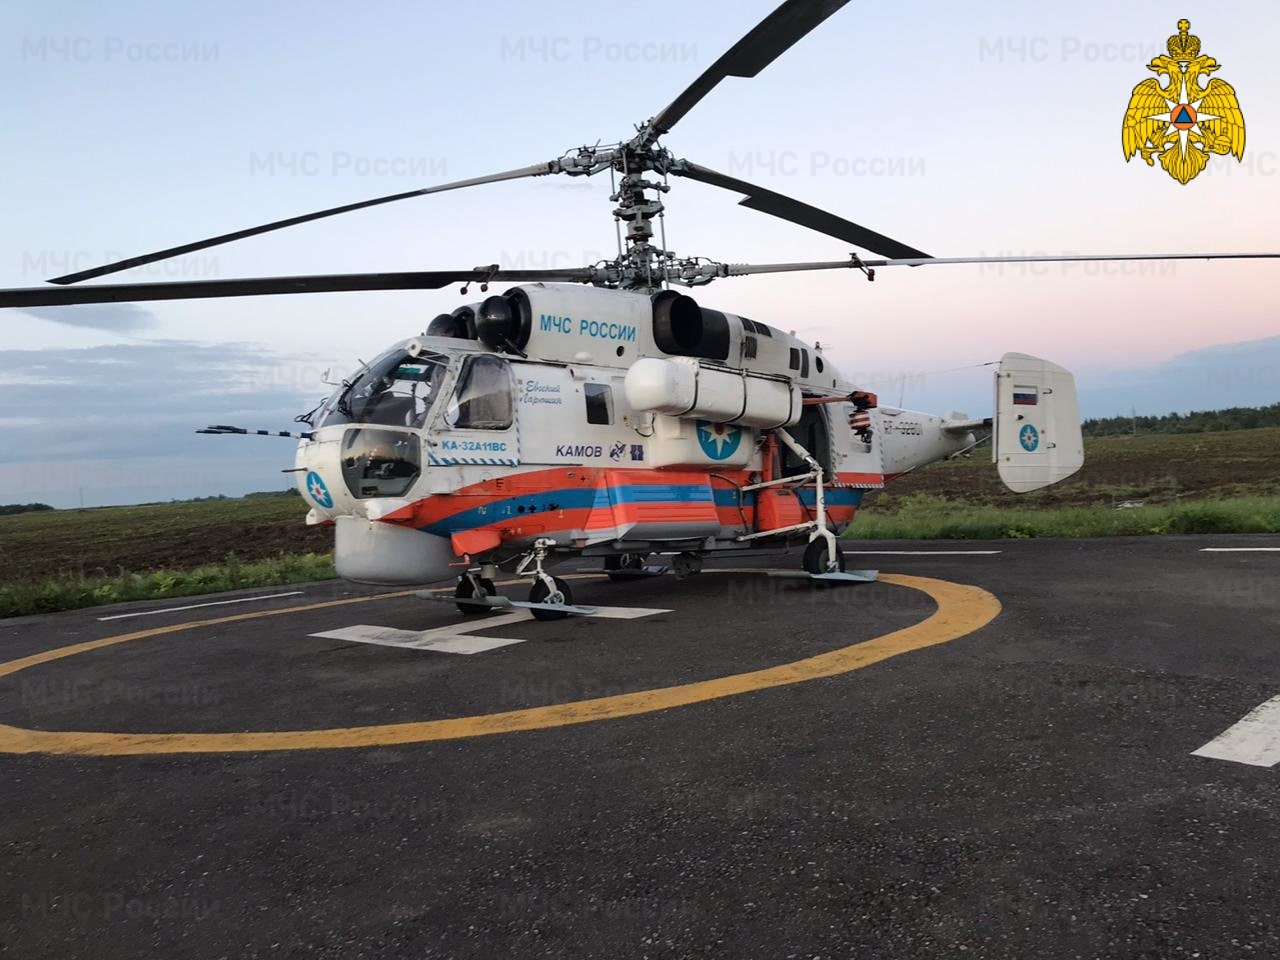 Жителя Тверской области экстренно эвакуировали вертолётом санавиации